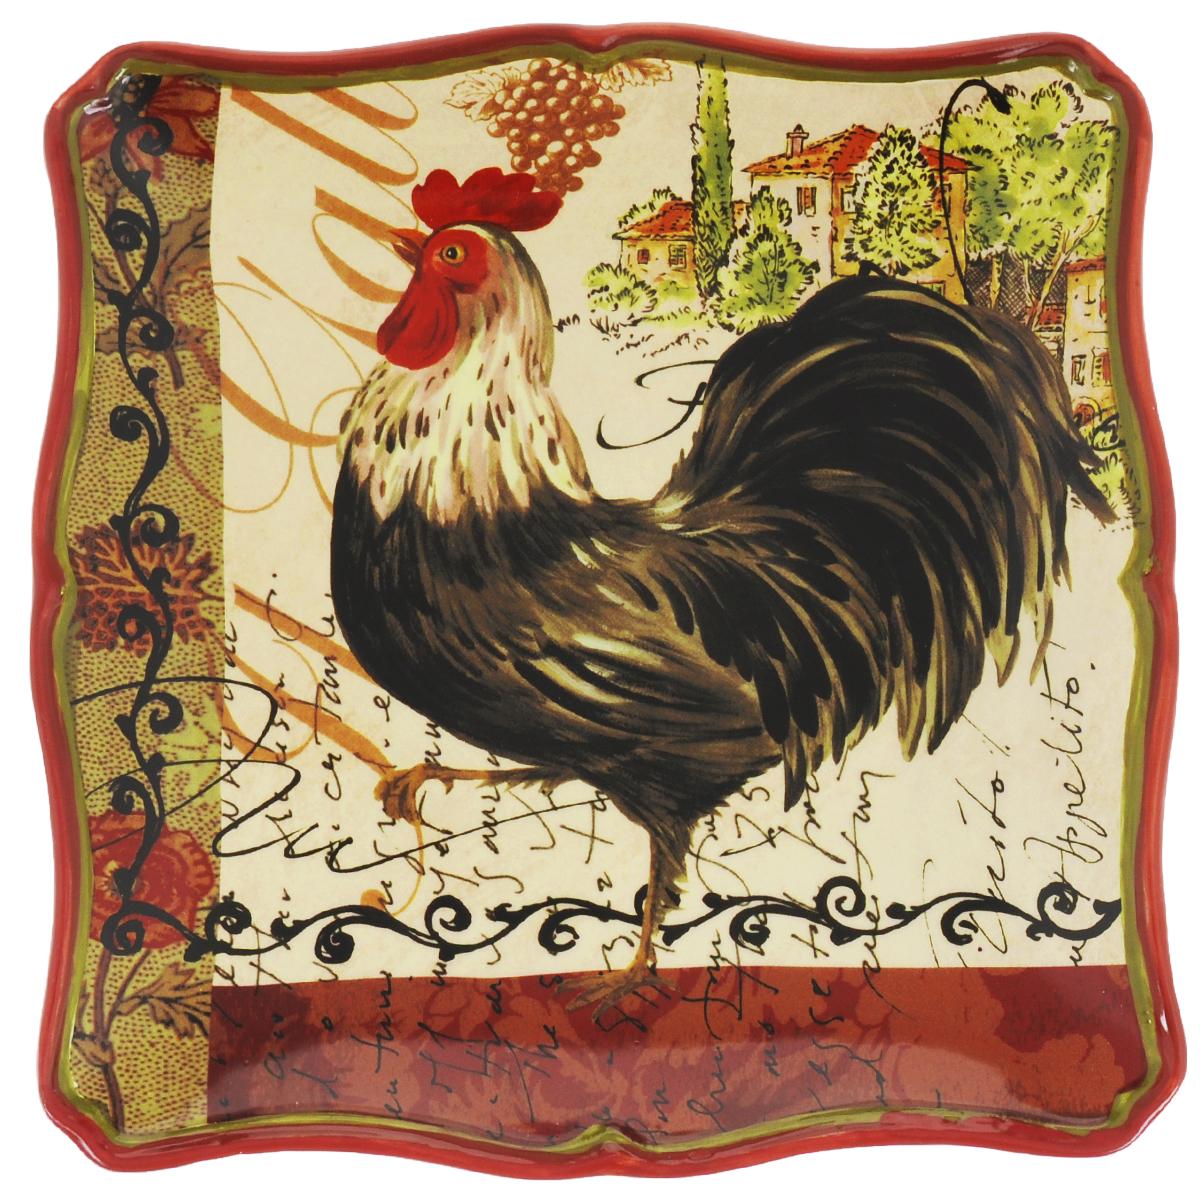 Тарелка десертная Certified International Тосканский петух, цвет: красный, черный, 22 х 22 см63201_красный,черныйДесертная тарелка Certified International Тосканский петух выполнена из керамики. Изделие отличается практичностью и высоким качеством исполнения. Тарелка расписана вручную и покрыта глазурью. Она прекрасно впишется в интерьер вашей кухни и станет достойным дополнением к кухонному инвентарю. Такая тарелка не только украсит ваш кухонный стол и подчеркнет прекрасный вкус хозяйки, но и станет отличным подарком. Размер тарелки: 22 х 22 см.